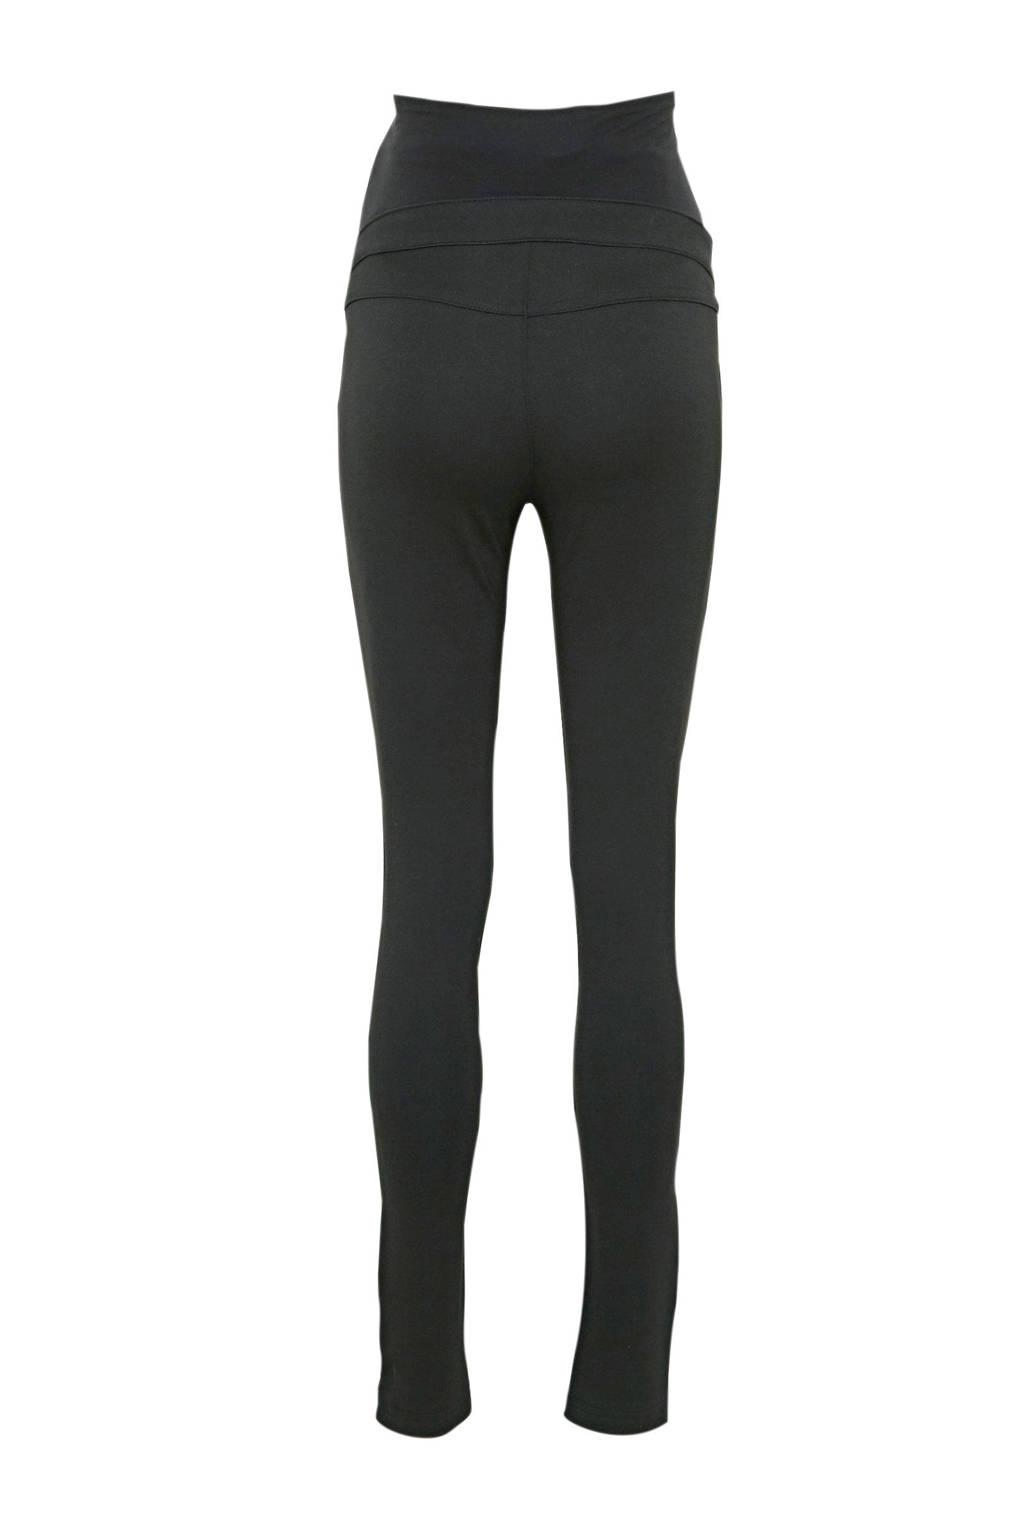 C&A Yessica low waist slim fit zwangerschapsbroek zwart, Zwart